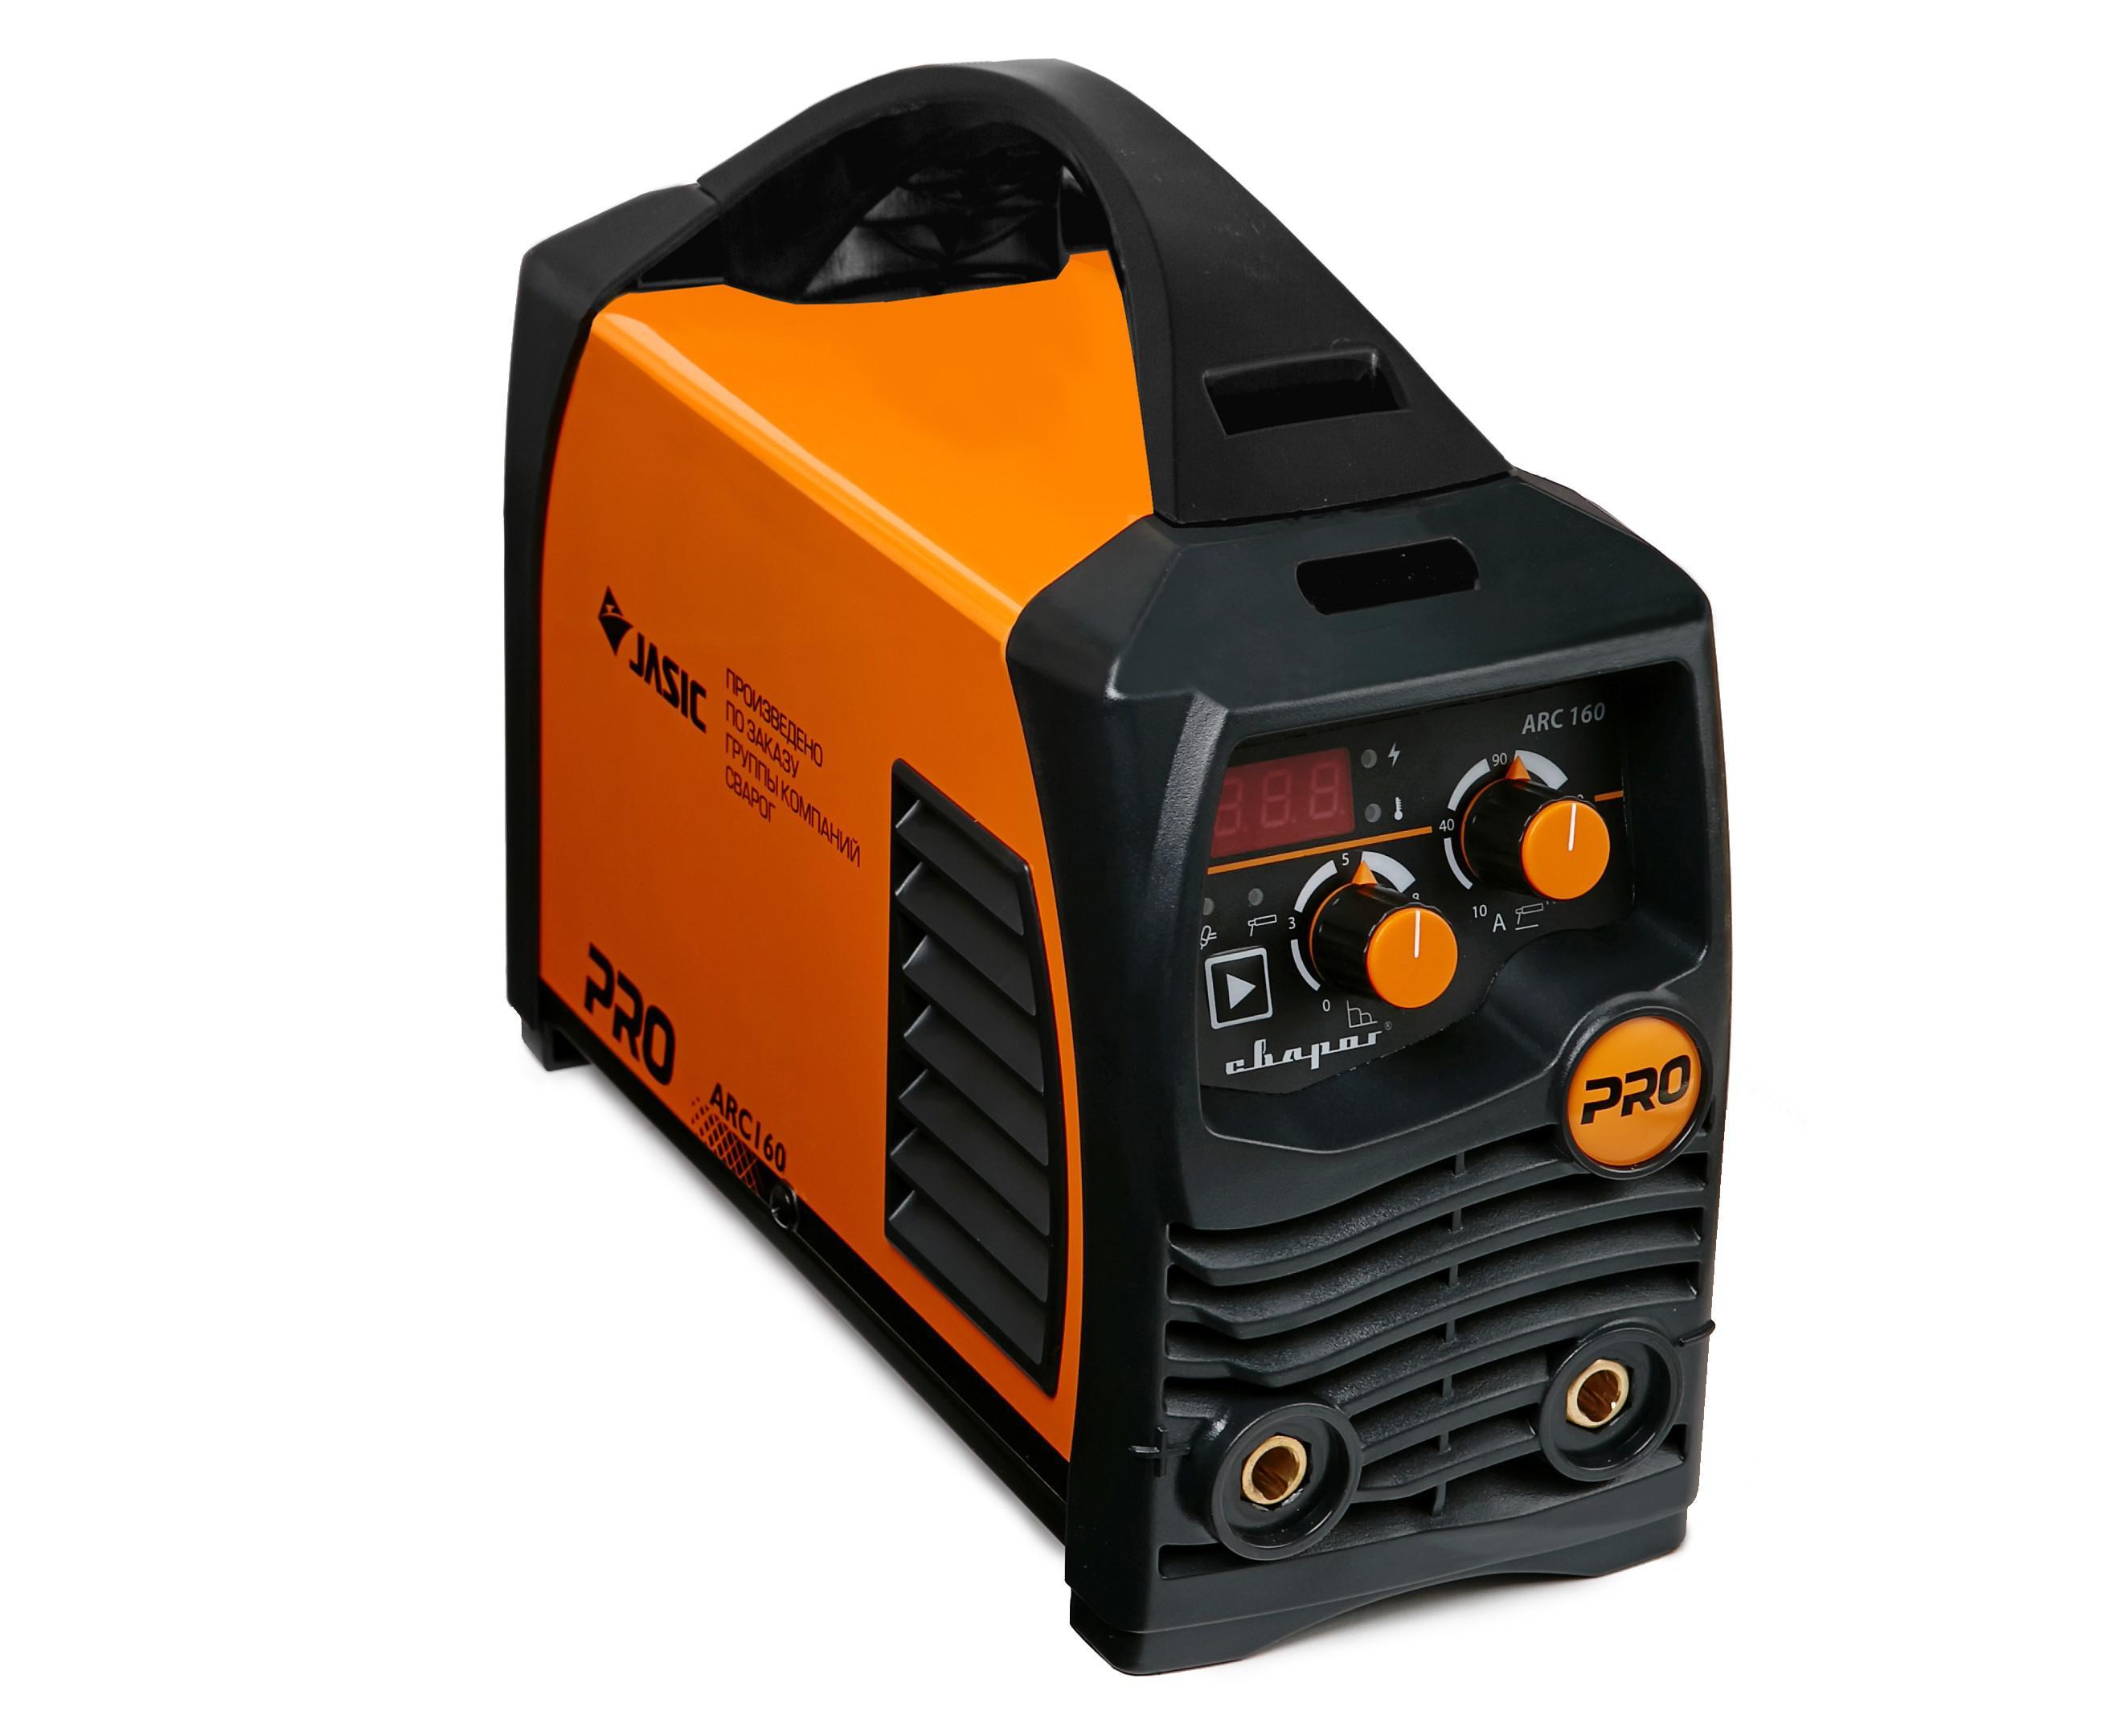 Сварочный аппарат СВАРОГ Pro arc 160 (z211s) сварочный аппарат сварог pro tig 200 p dsp w212